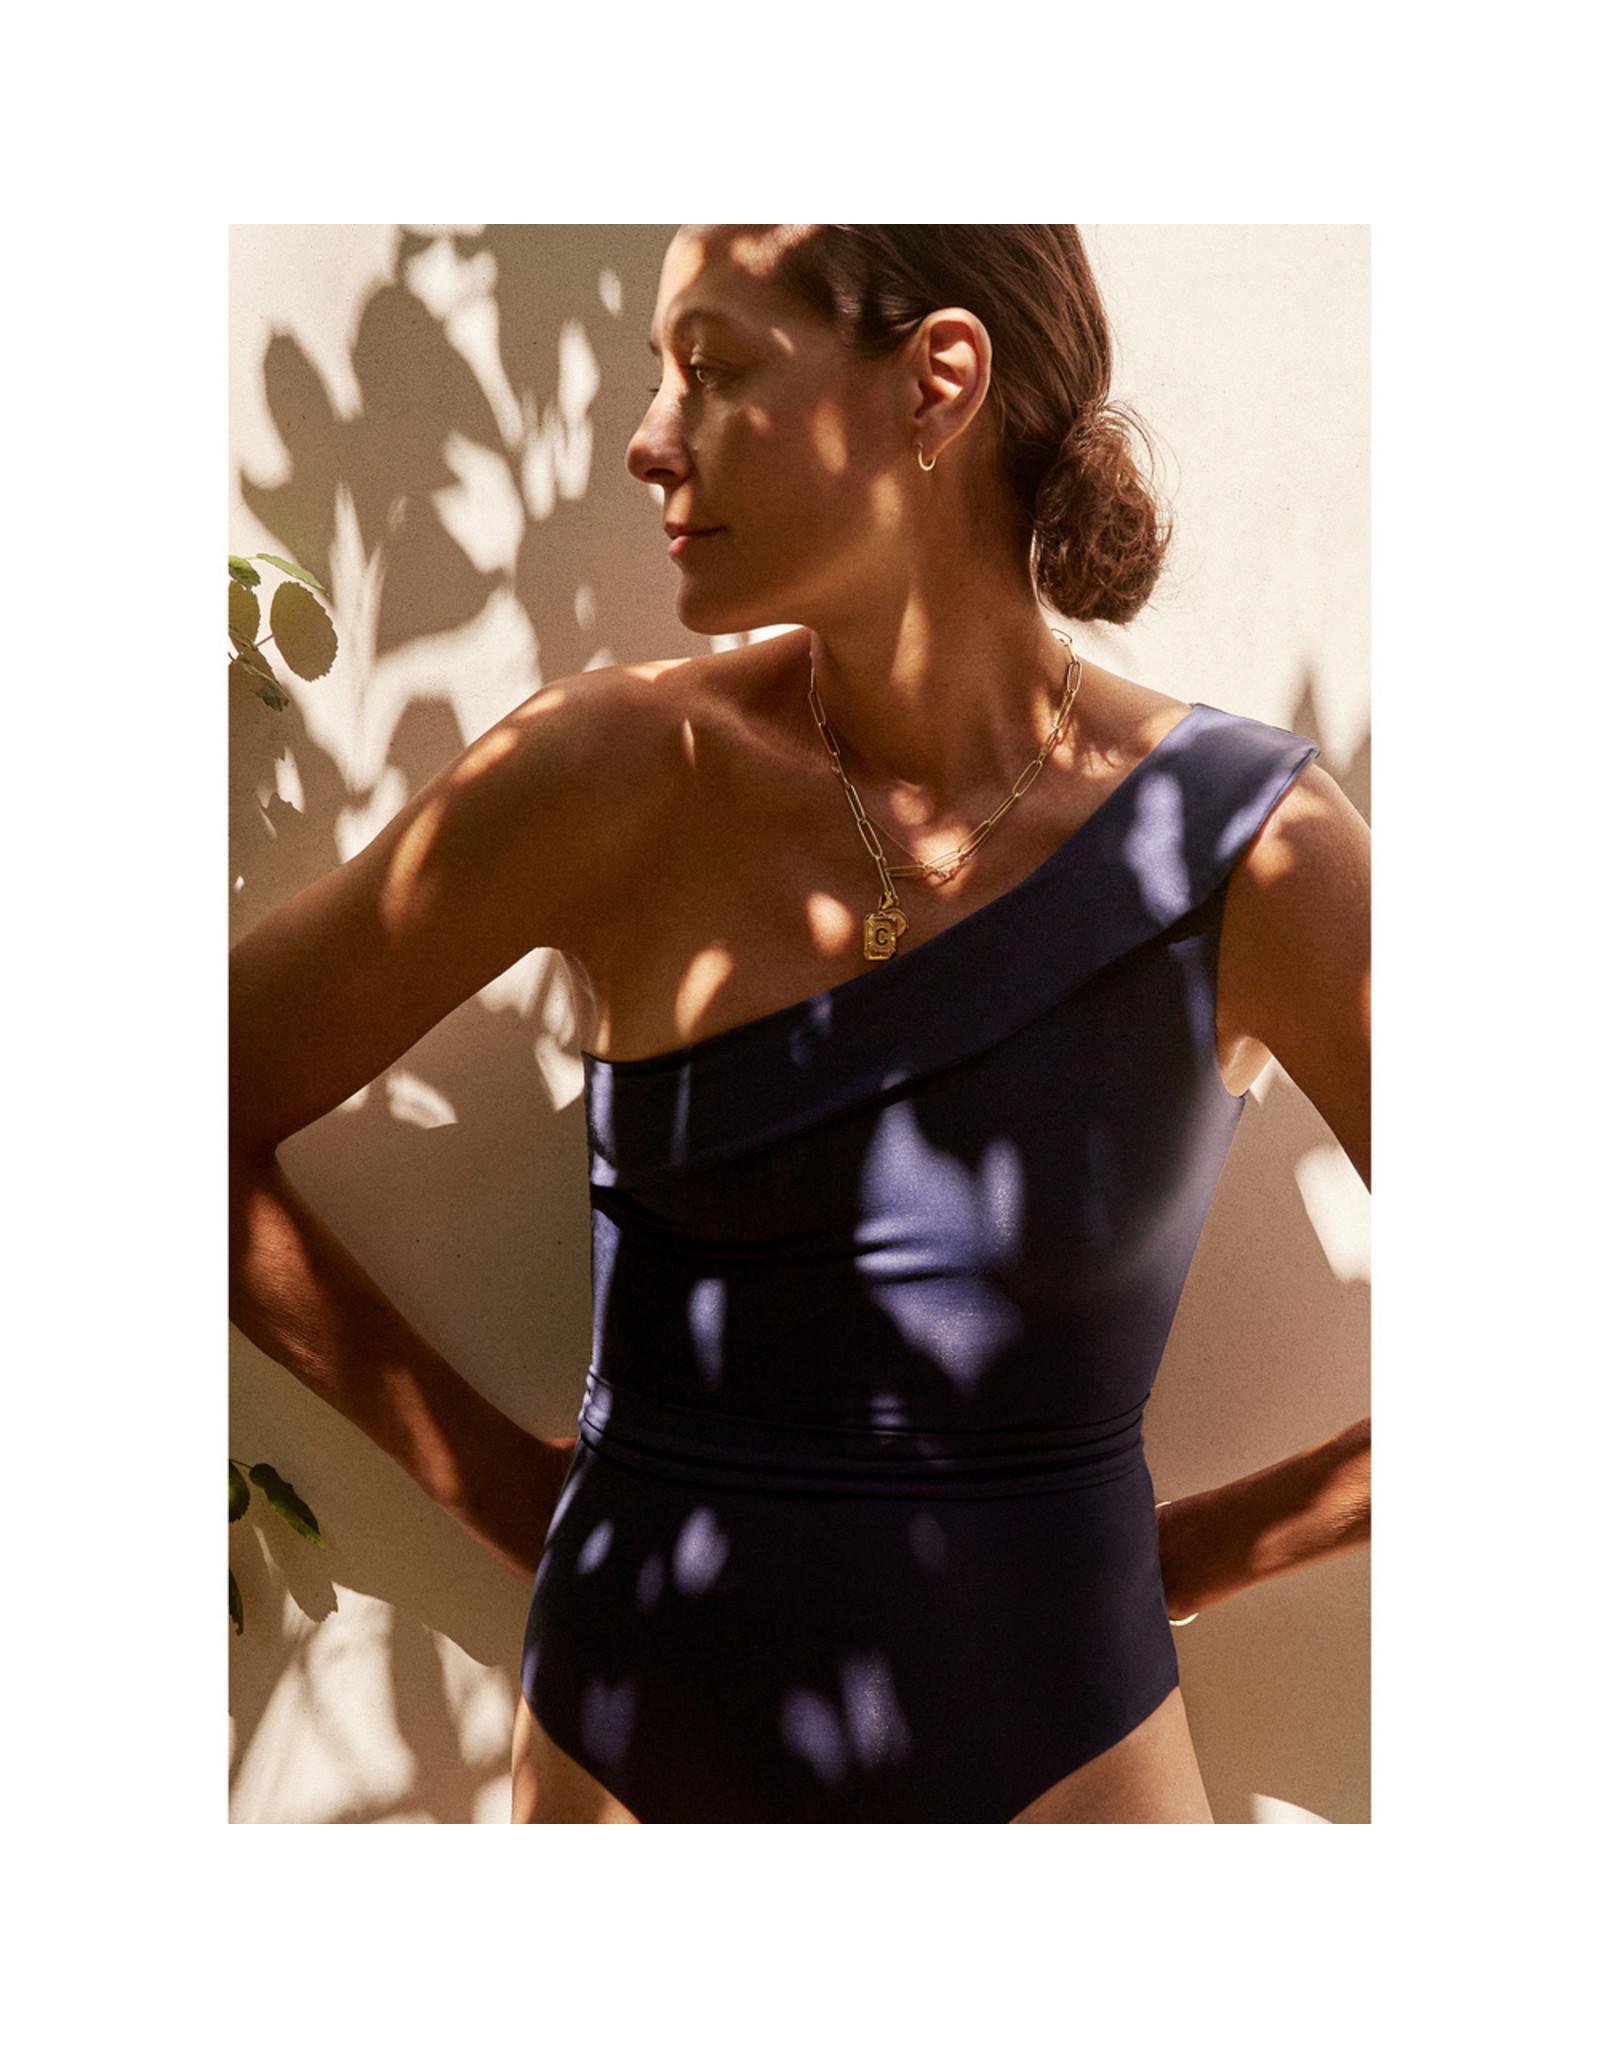 G. Label G. Label One-Shoulder Belted One-Piece (Color: Black, Size: M)